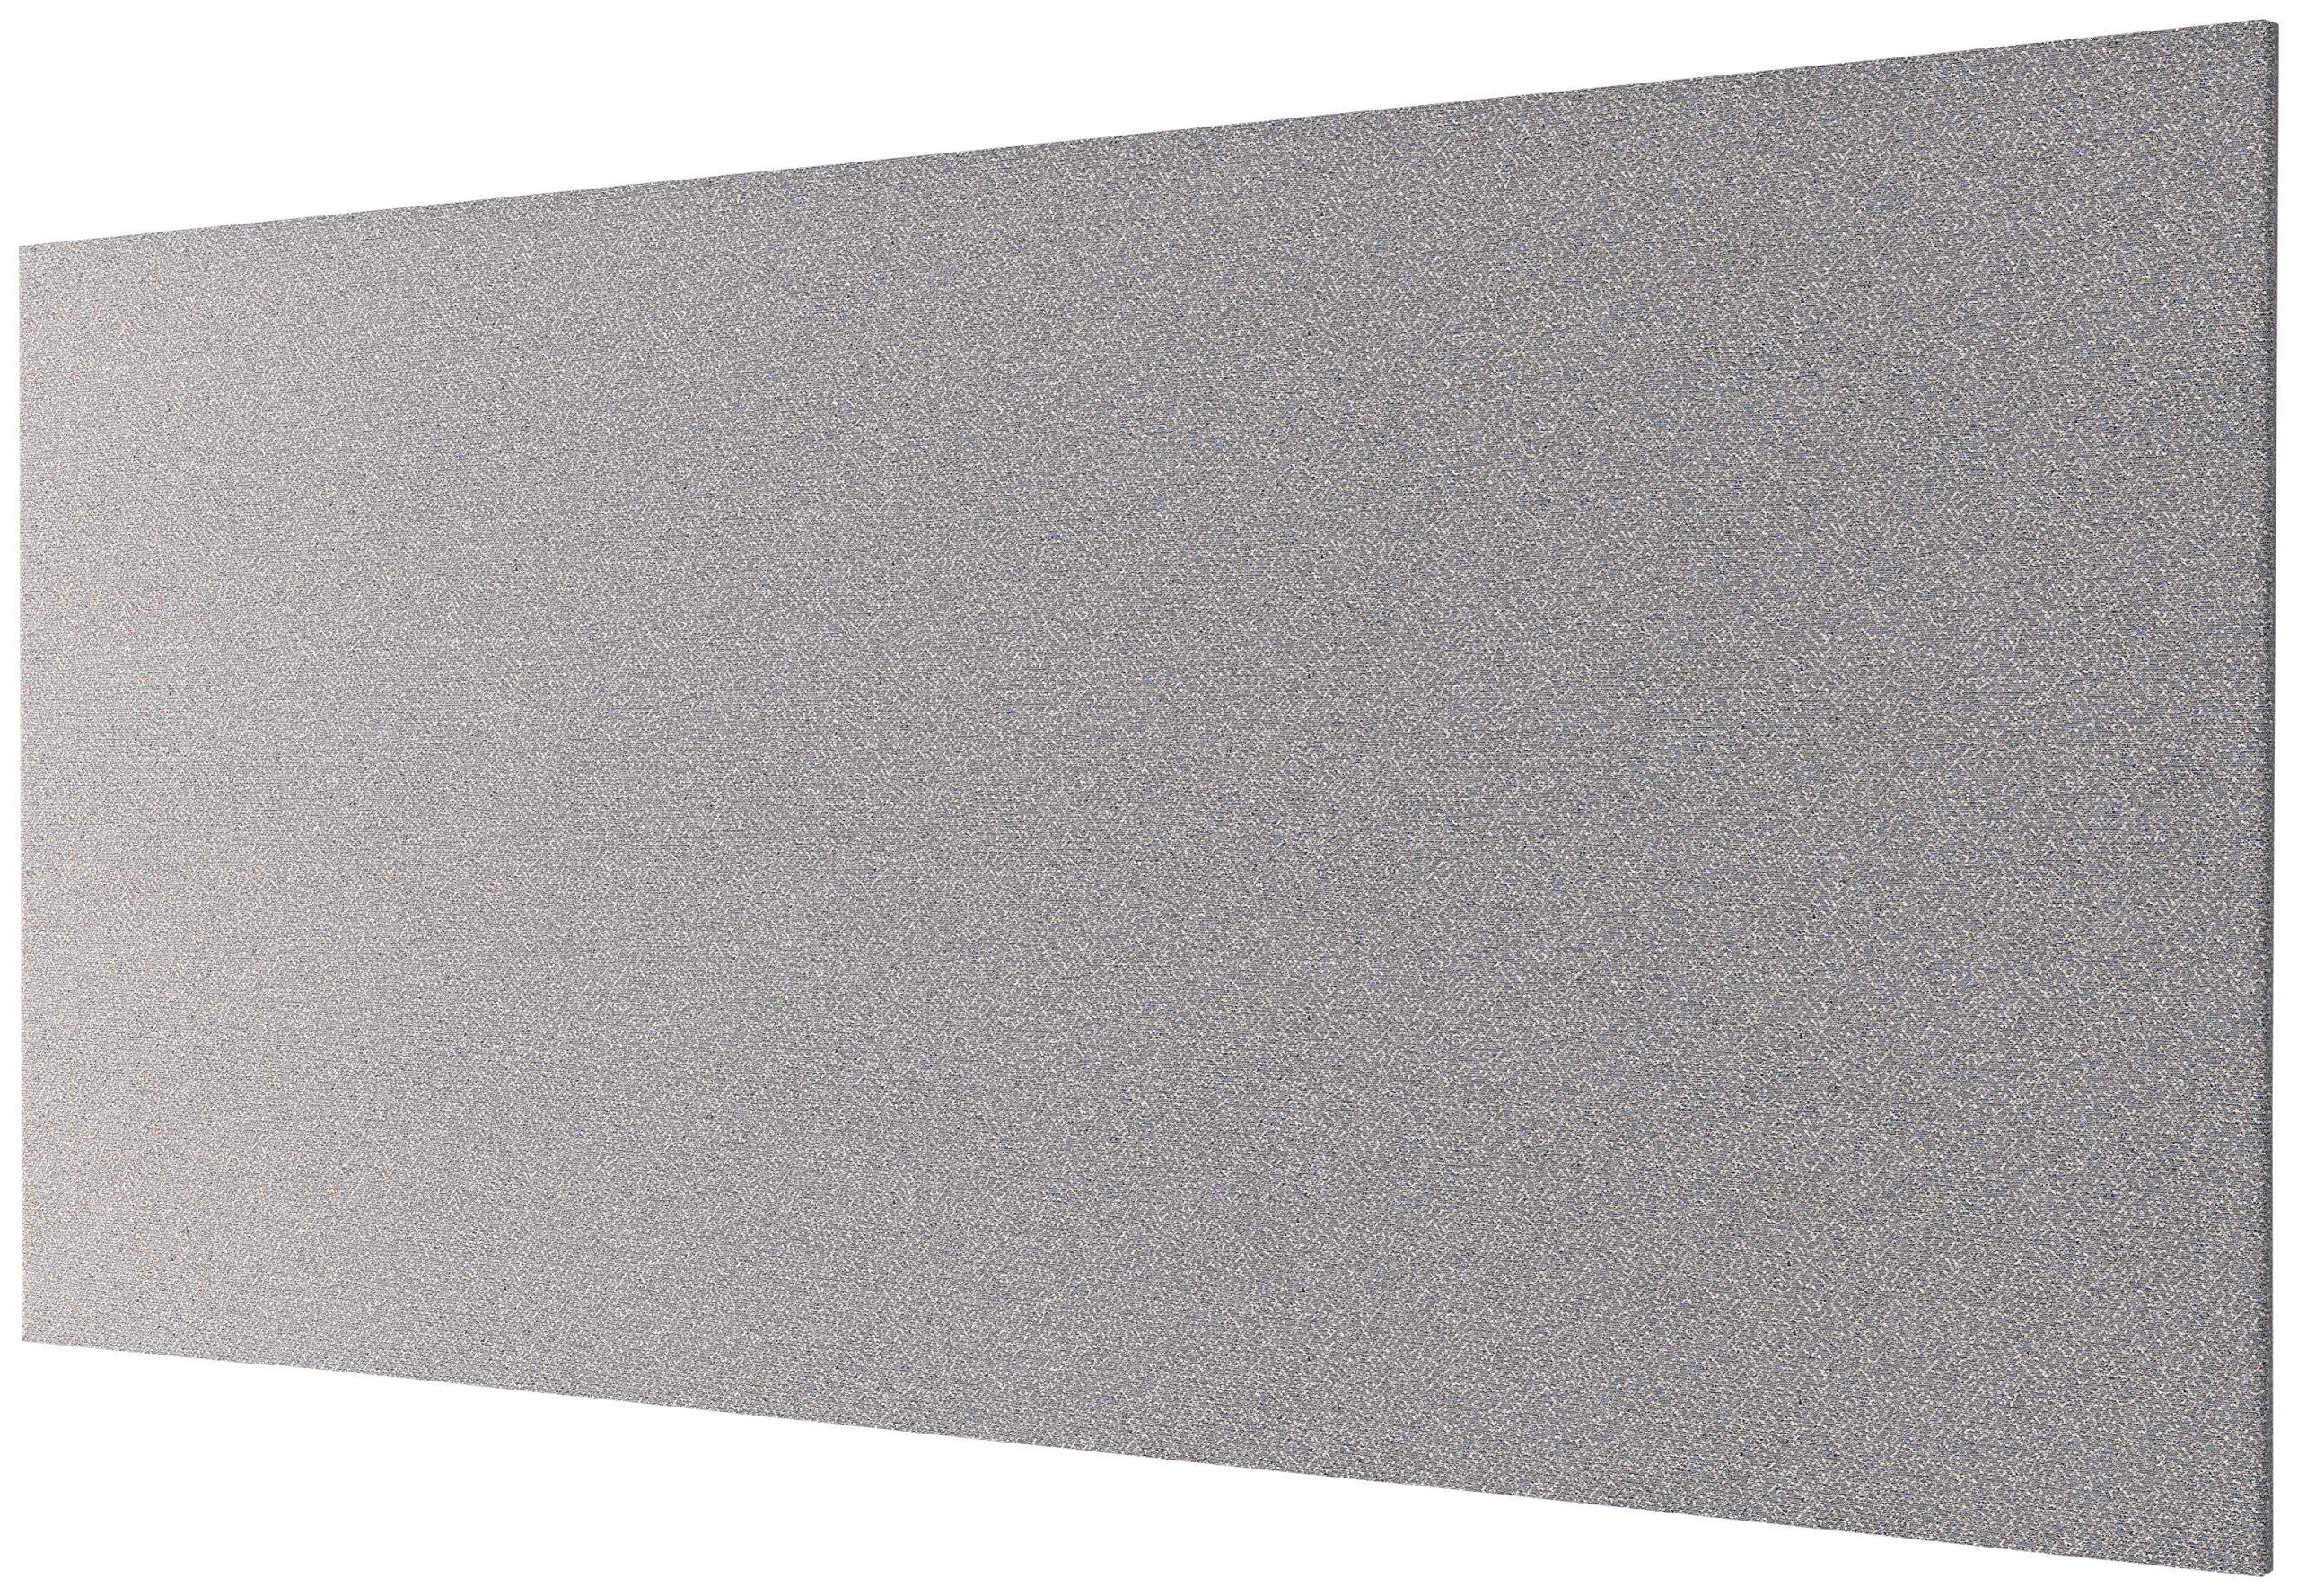 OBEX 30X60-TB-R-PA Rectangle Tackboard Contemporary Parids